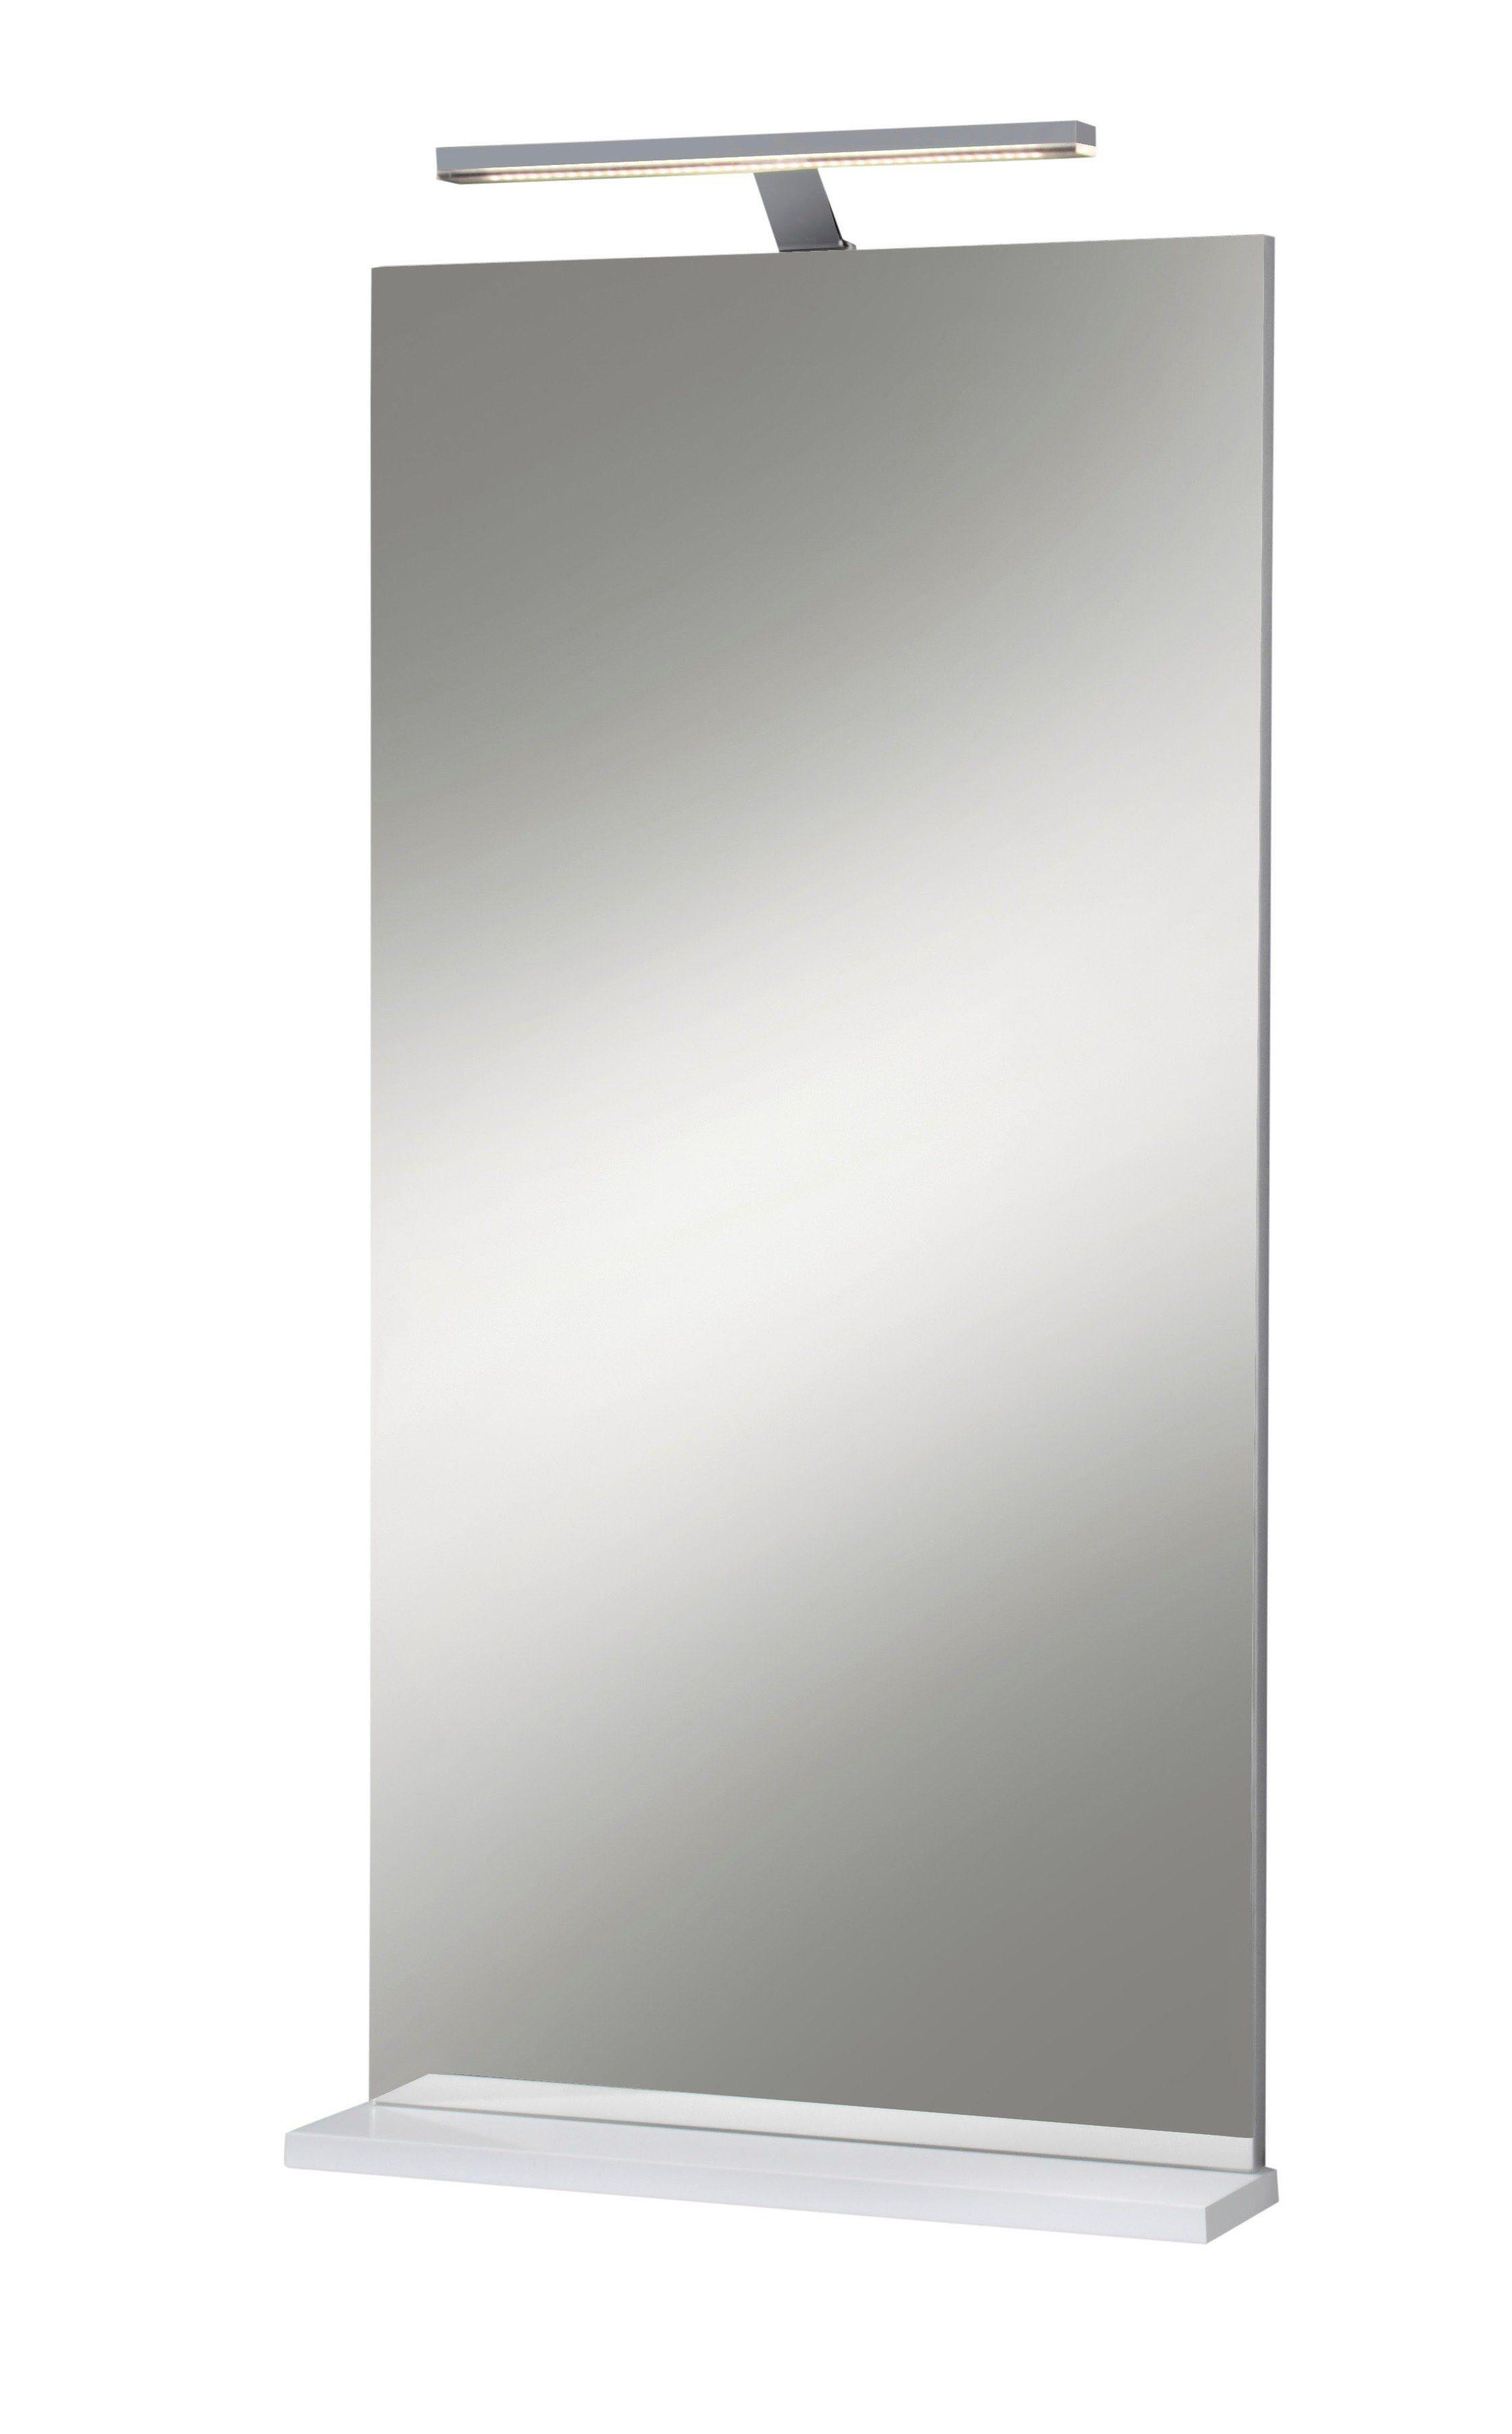 Schildmeyer Spiegel / Badspiegel »Pico« Breite 41 cm, mit Ablage